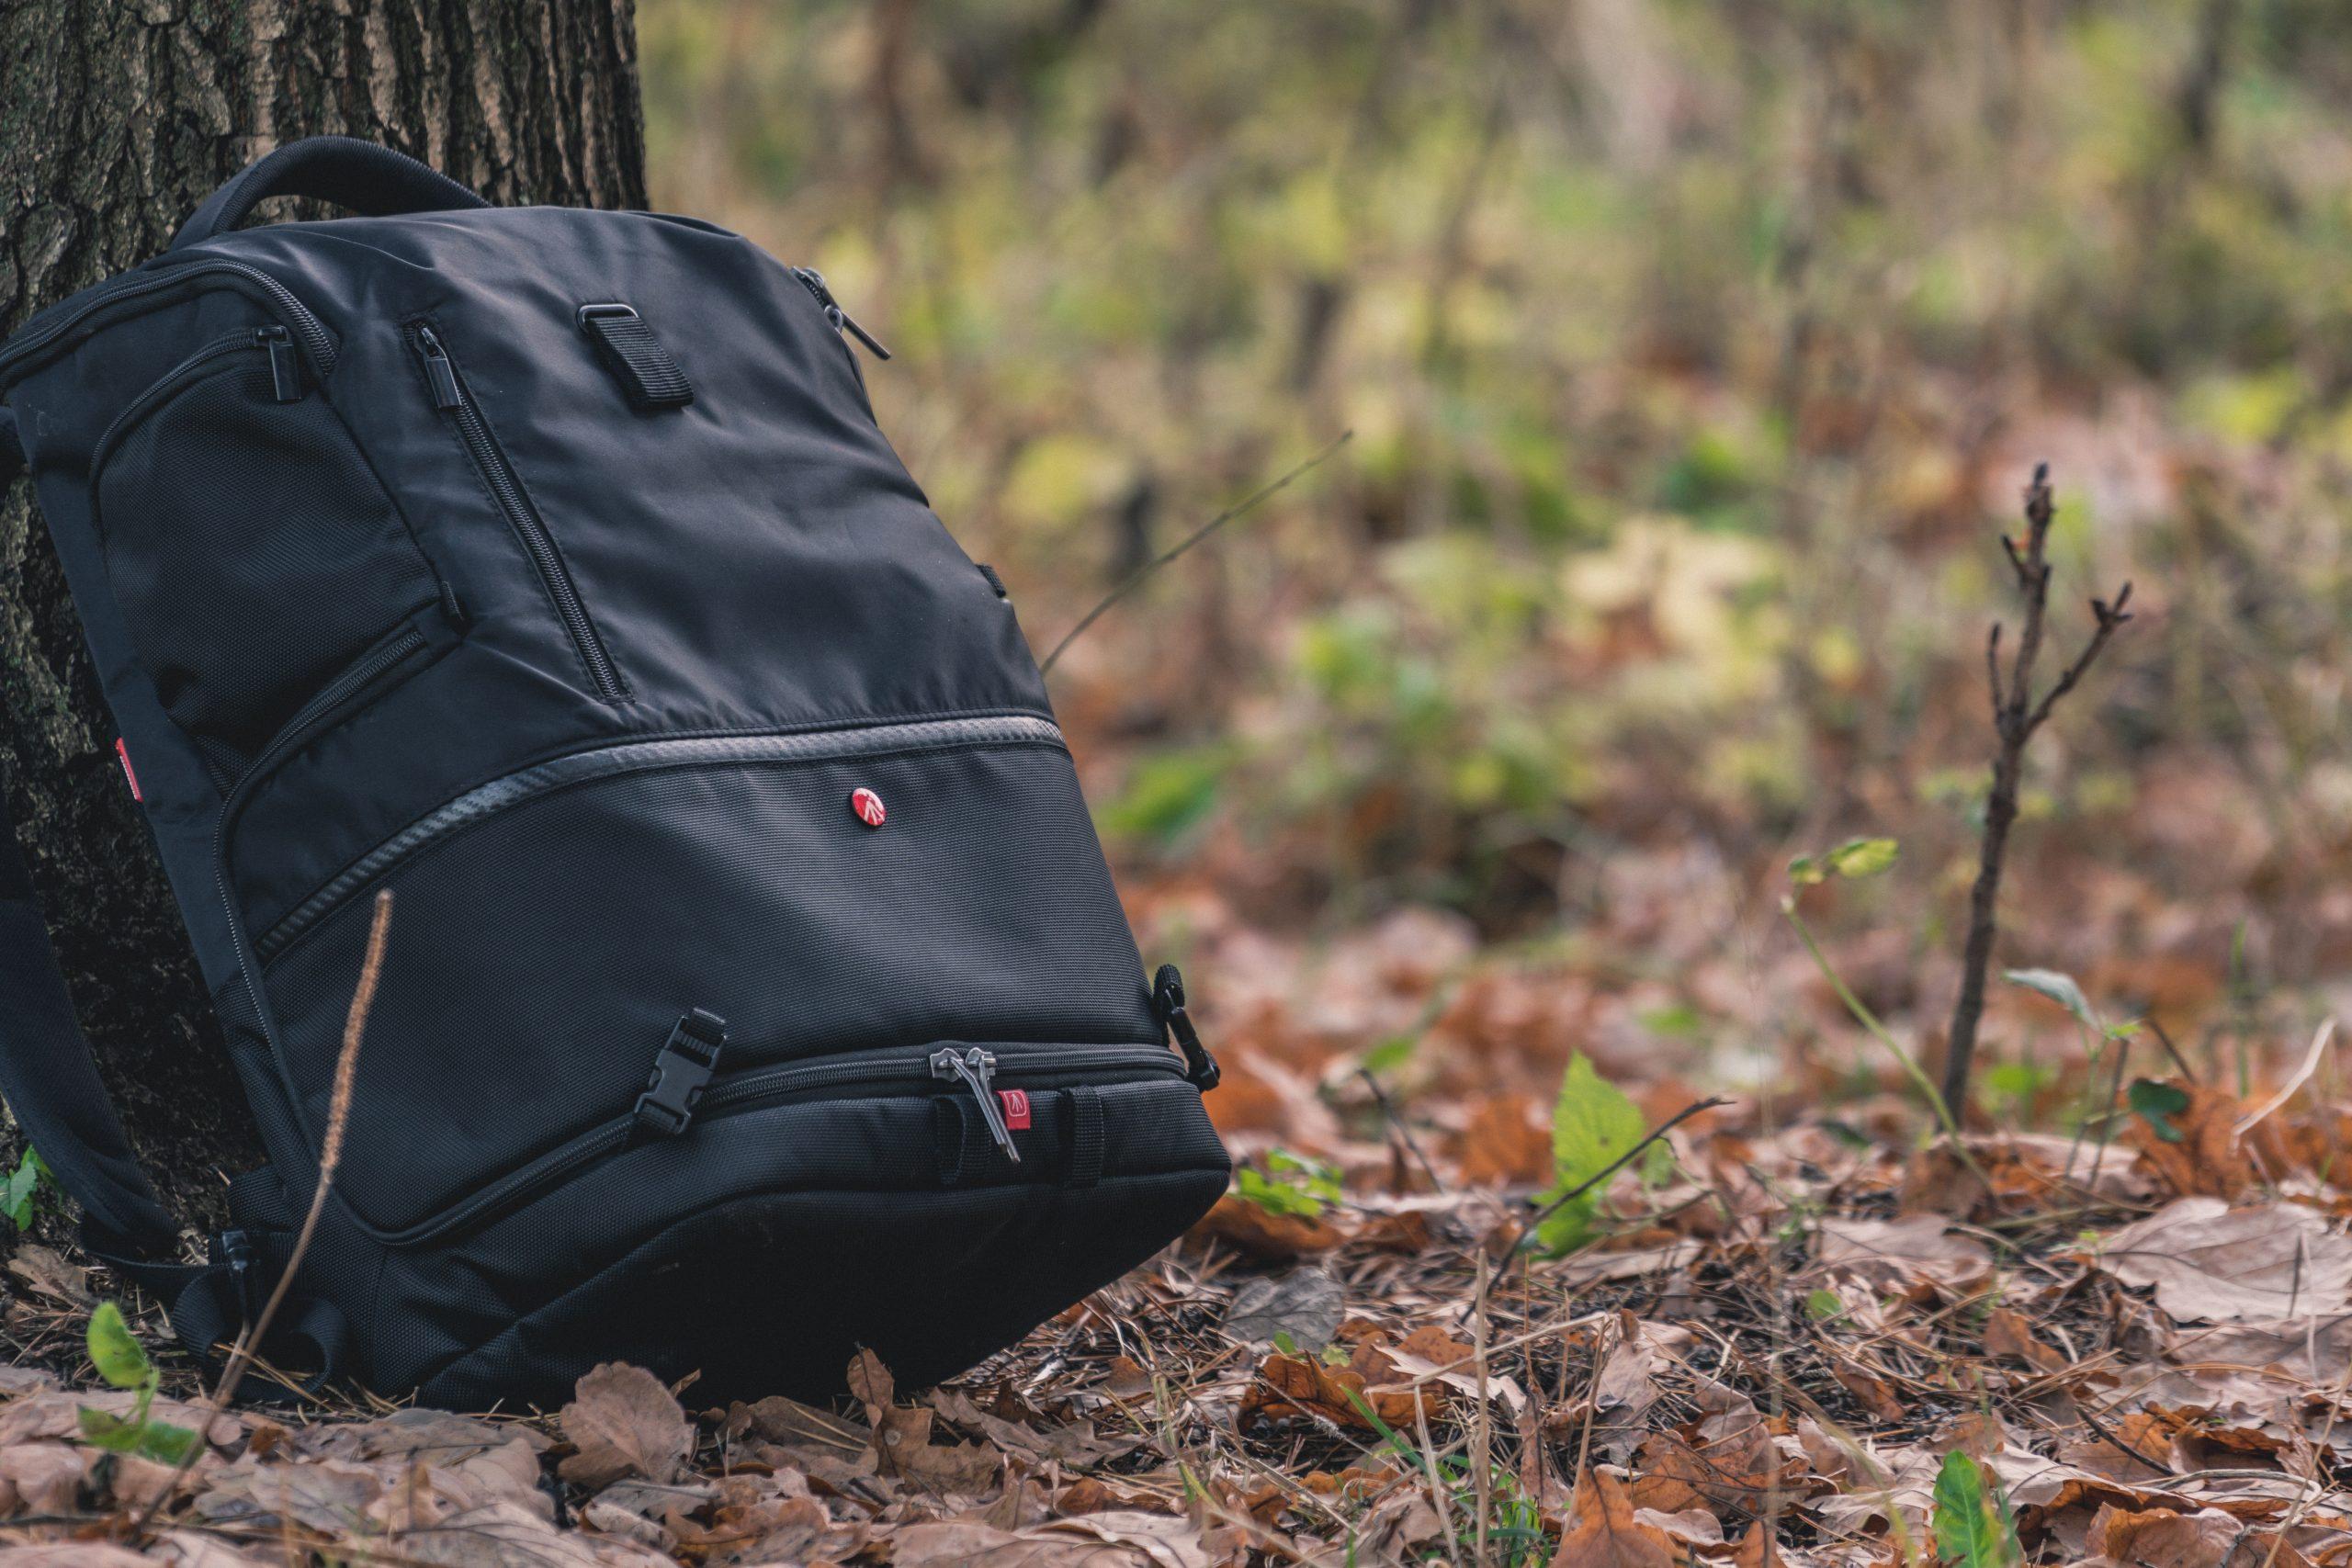 Na foto uma mochila preta no chão encostada em uma árvore.